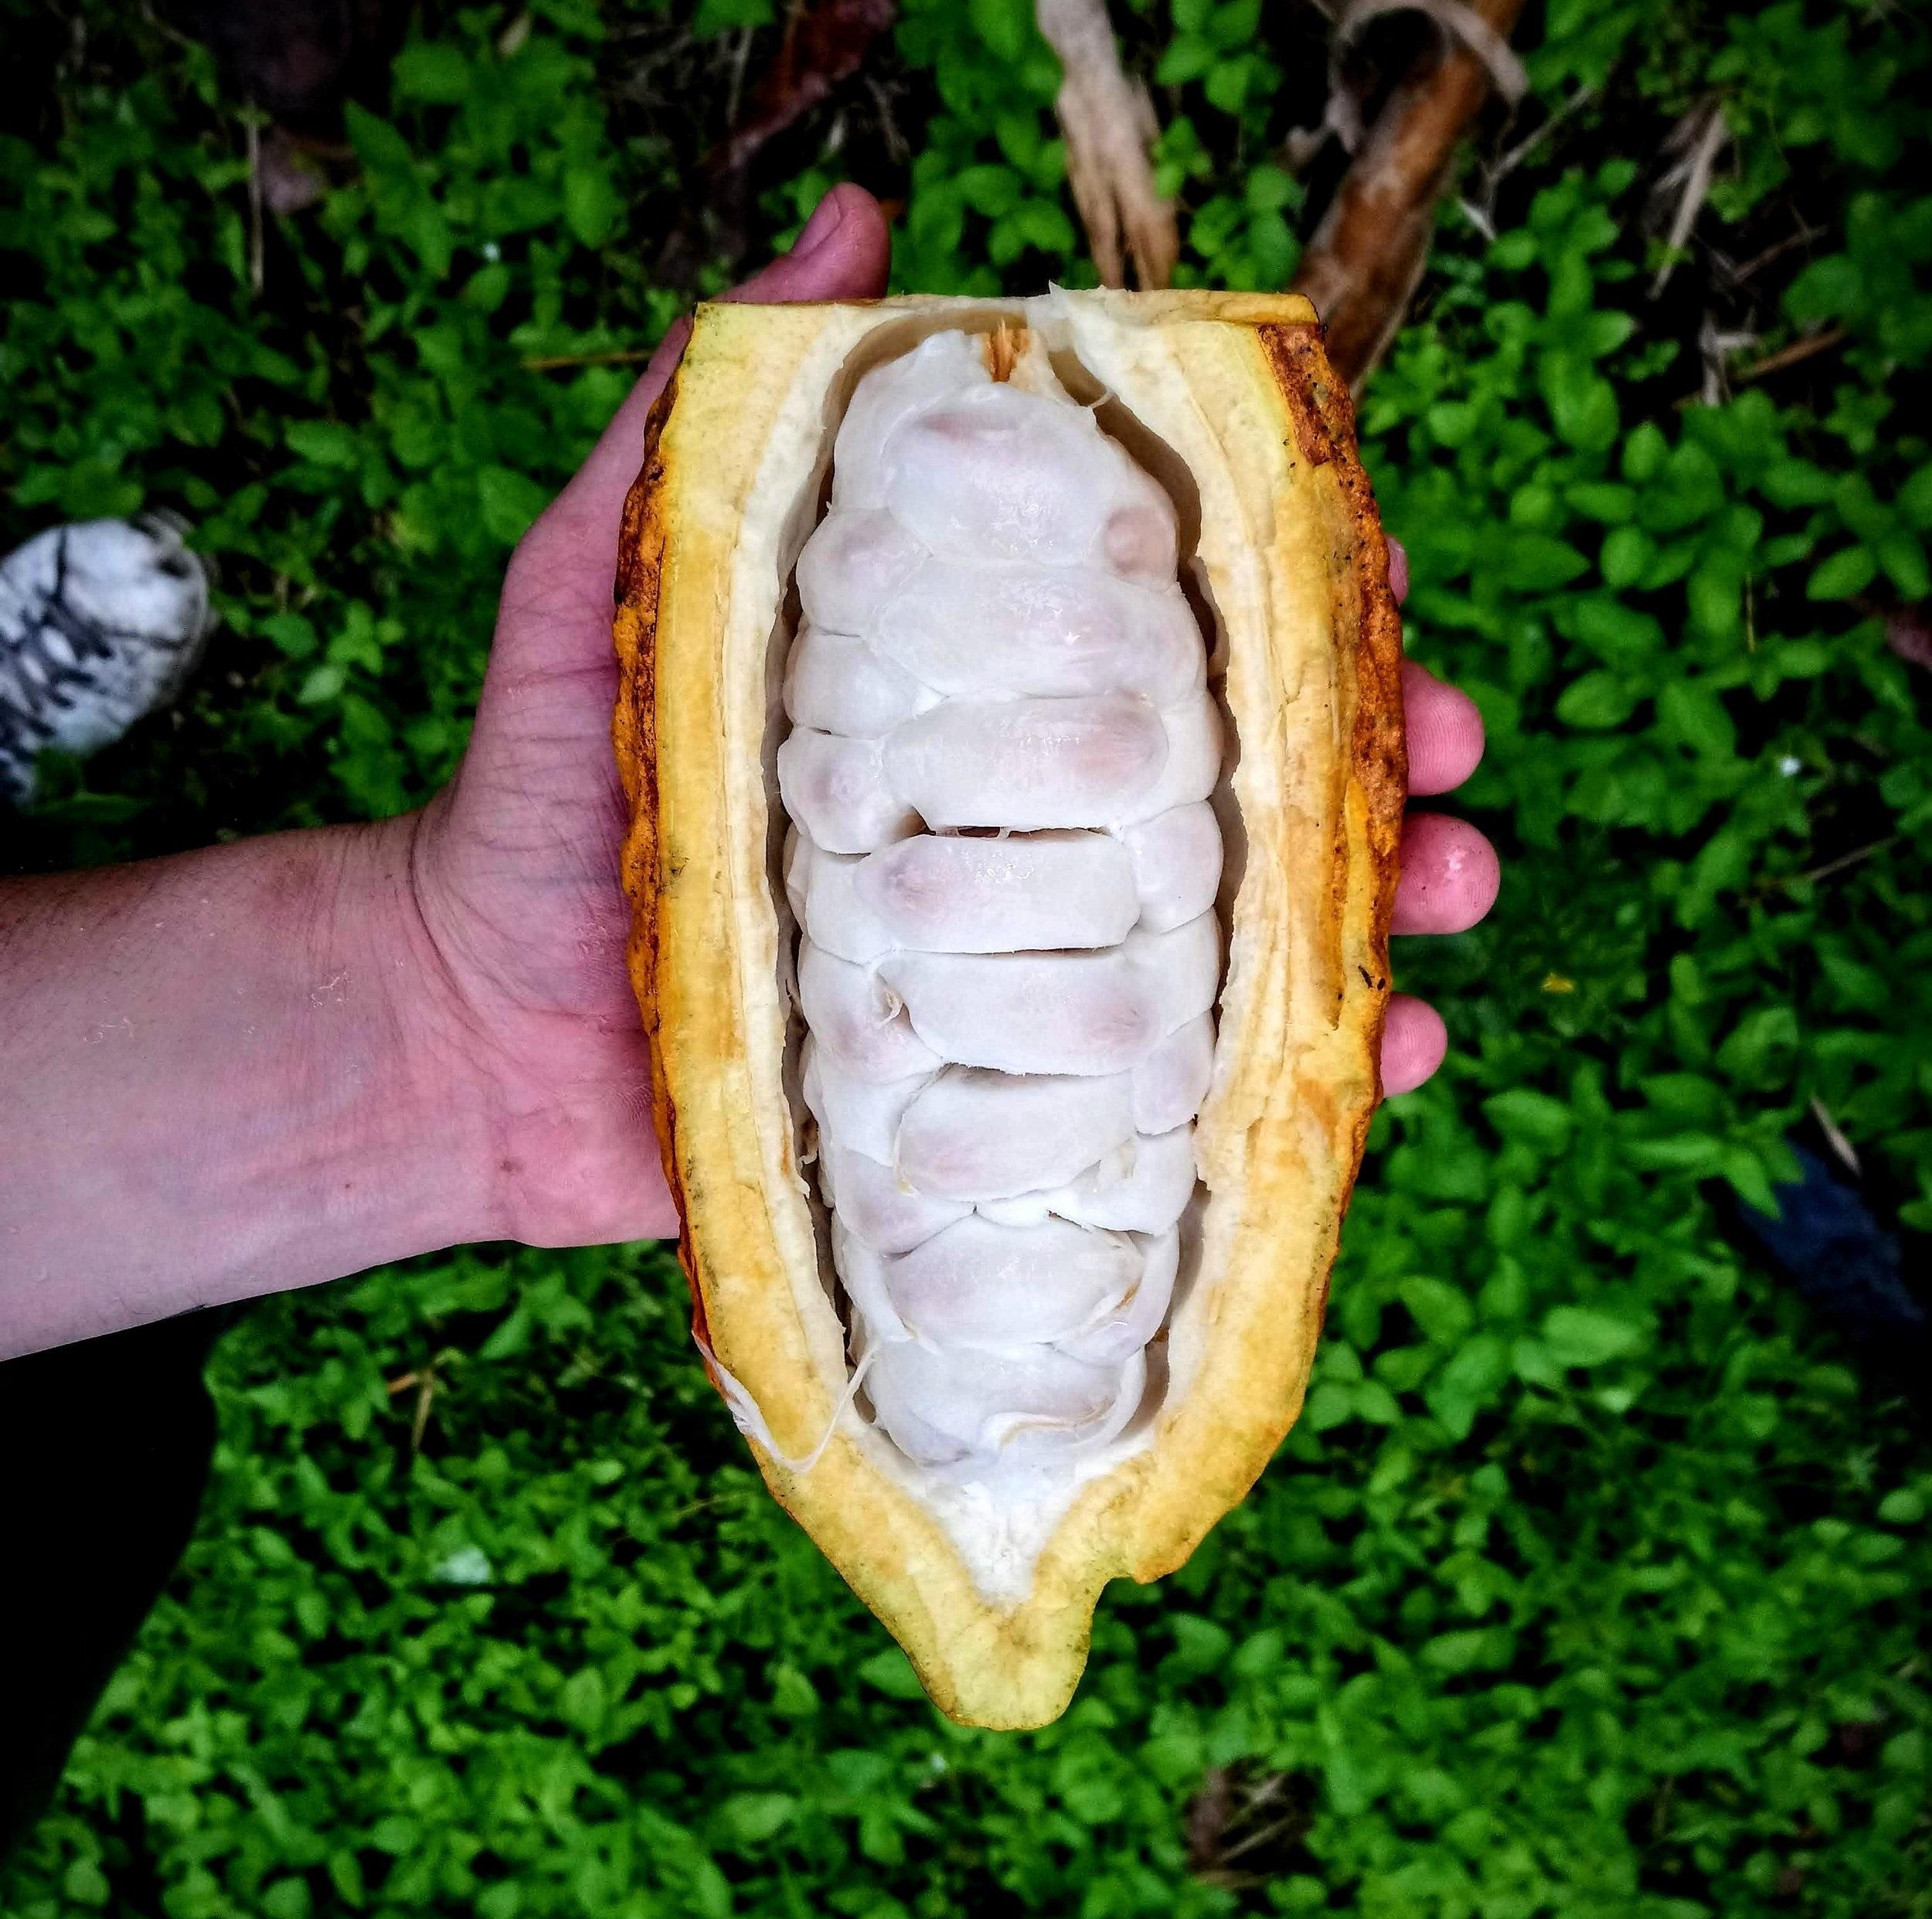 Los productores tienen una incidencia directa en los sistemas biológicos y por consiguiente, una responsabilidad inherente con estos. Hemos venido acompañando productores y fincas en Colombia, ayudándolos a definir proyectos que los terminen conectando con una filosofía sustentable y con los otros actores del sistema de alimentos.